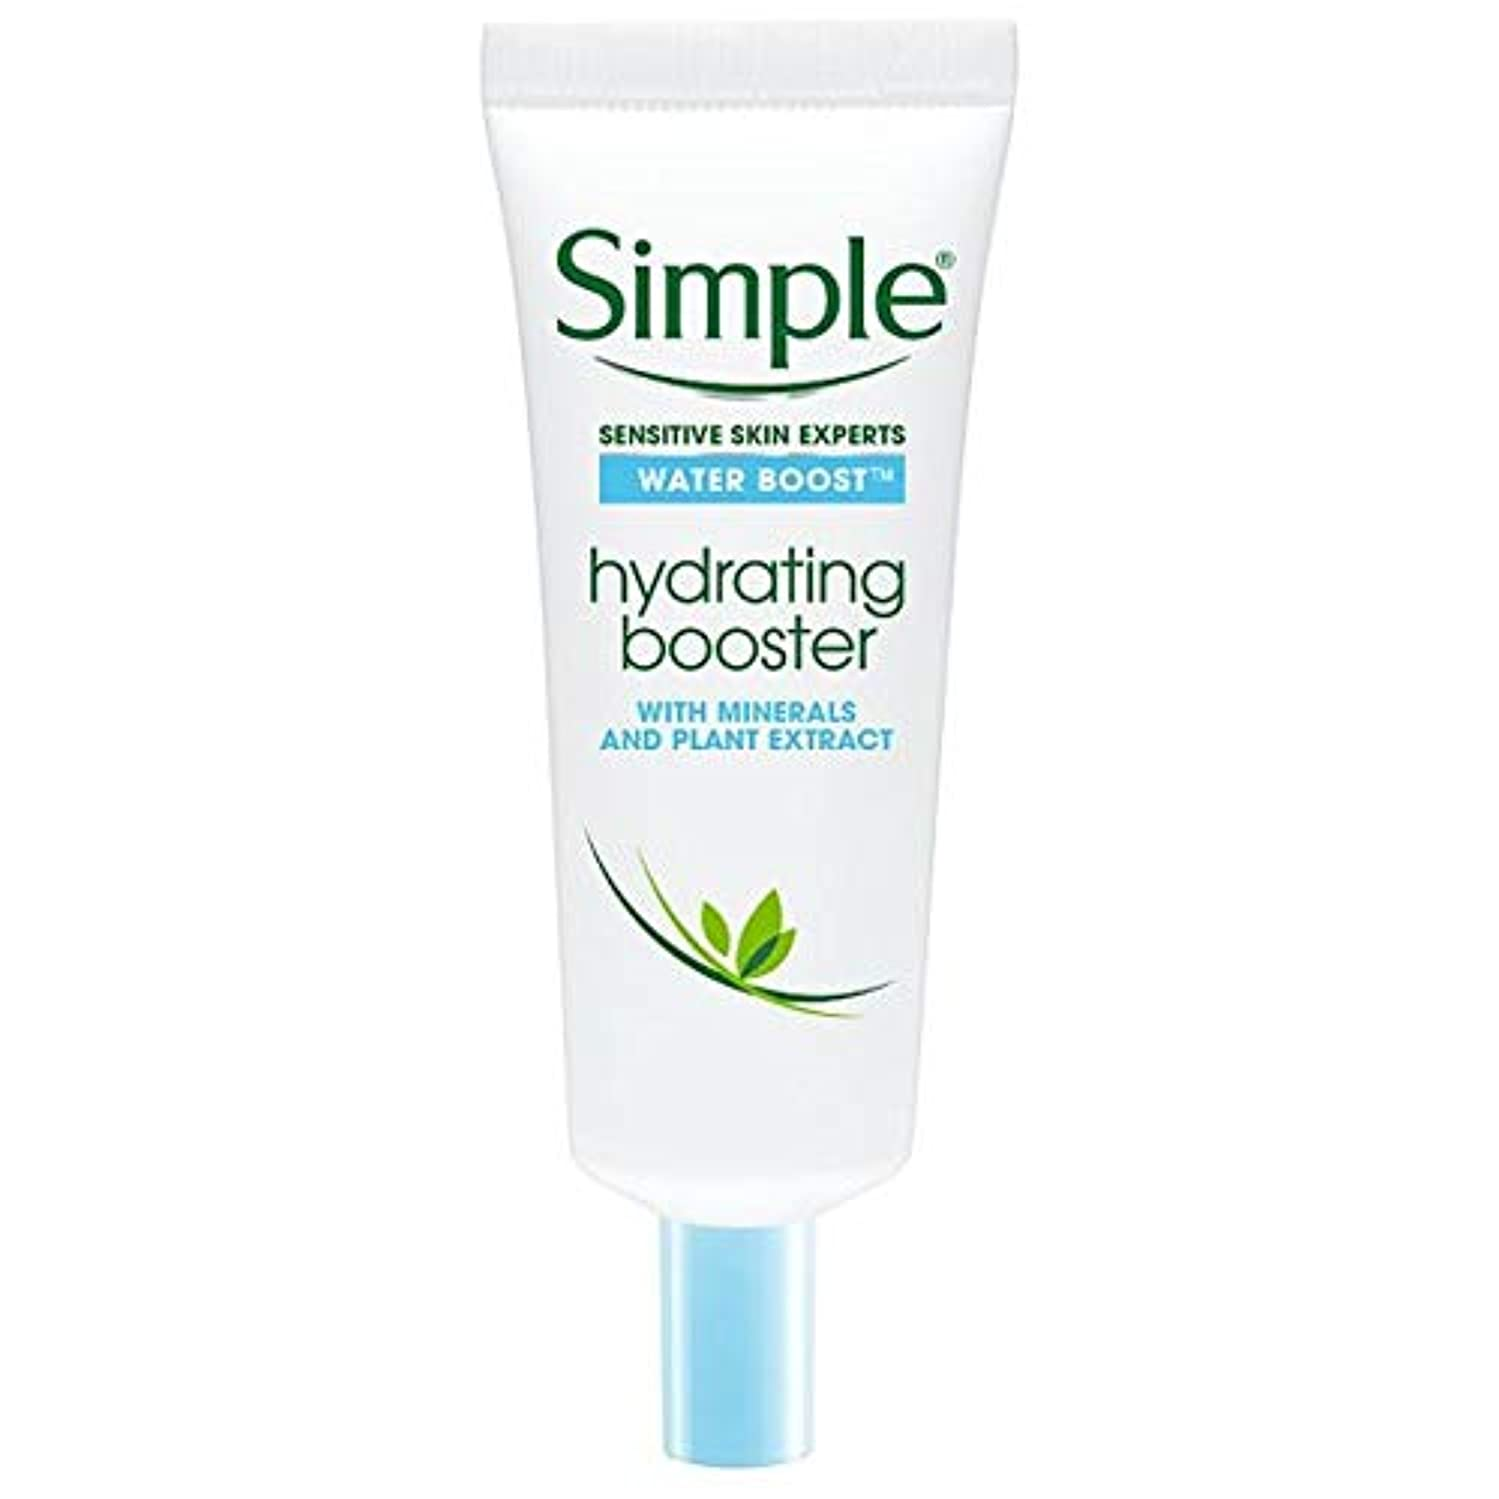 キャビン中間付属品[Simple] シンプルな水ブースト顔水和Bsterの25ミリリットル - Simple Water Boost Face Hydrating Bster 25Ml [並行輸入品]